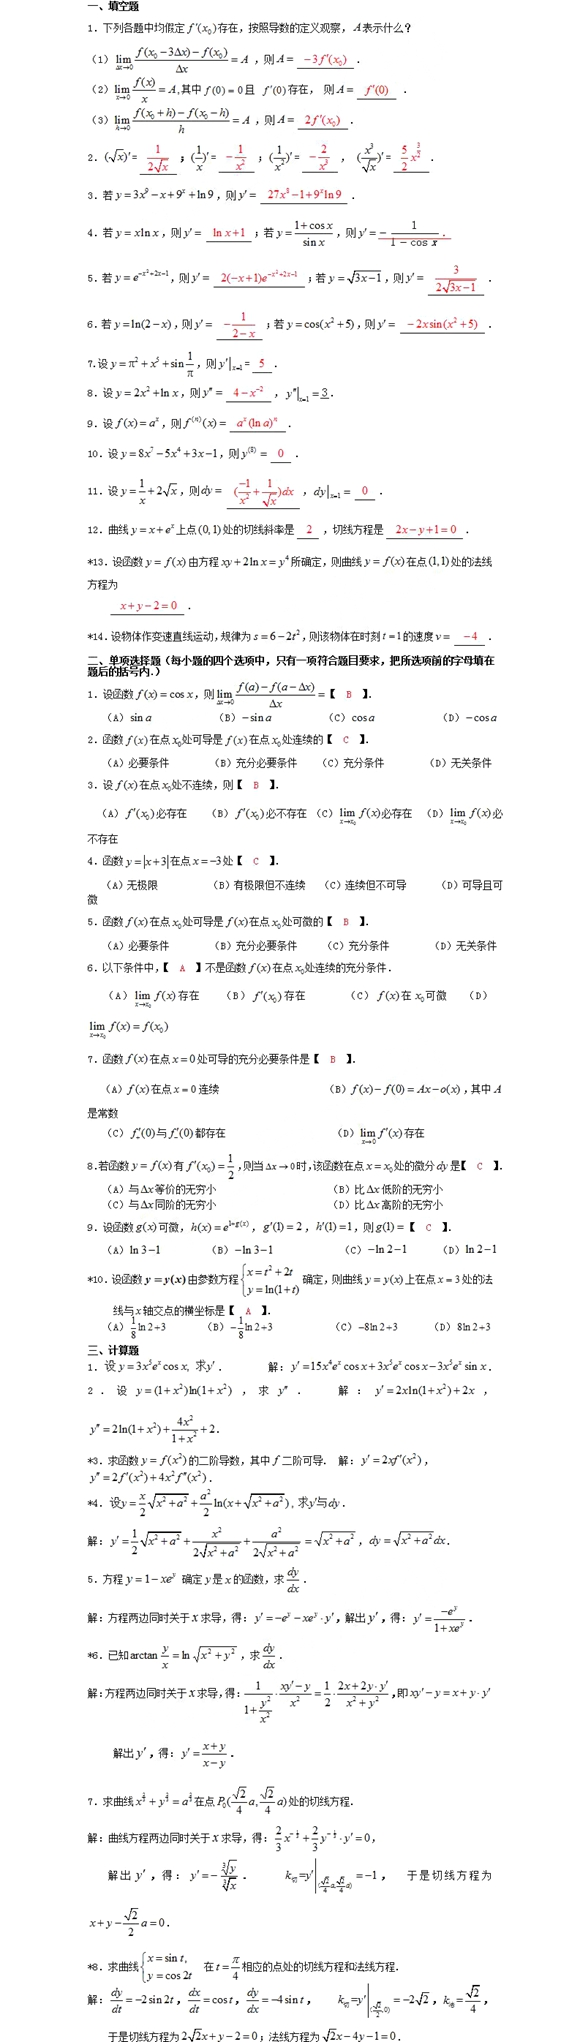 2019成人高考专升本《高数》辅导试题及答案(6)